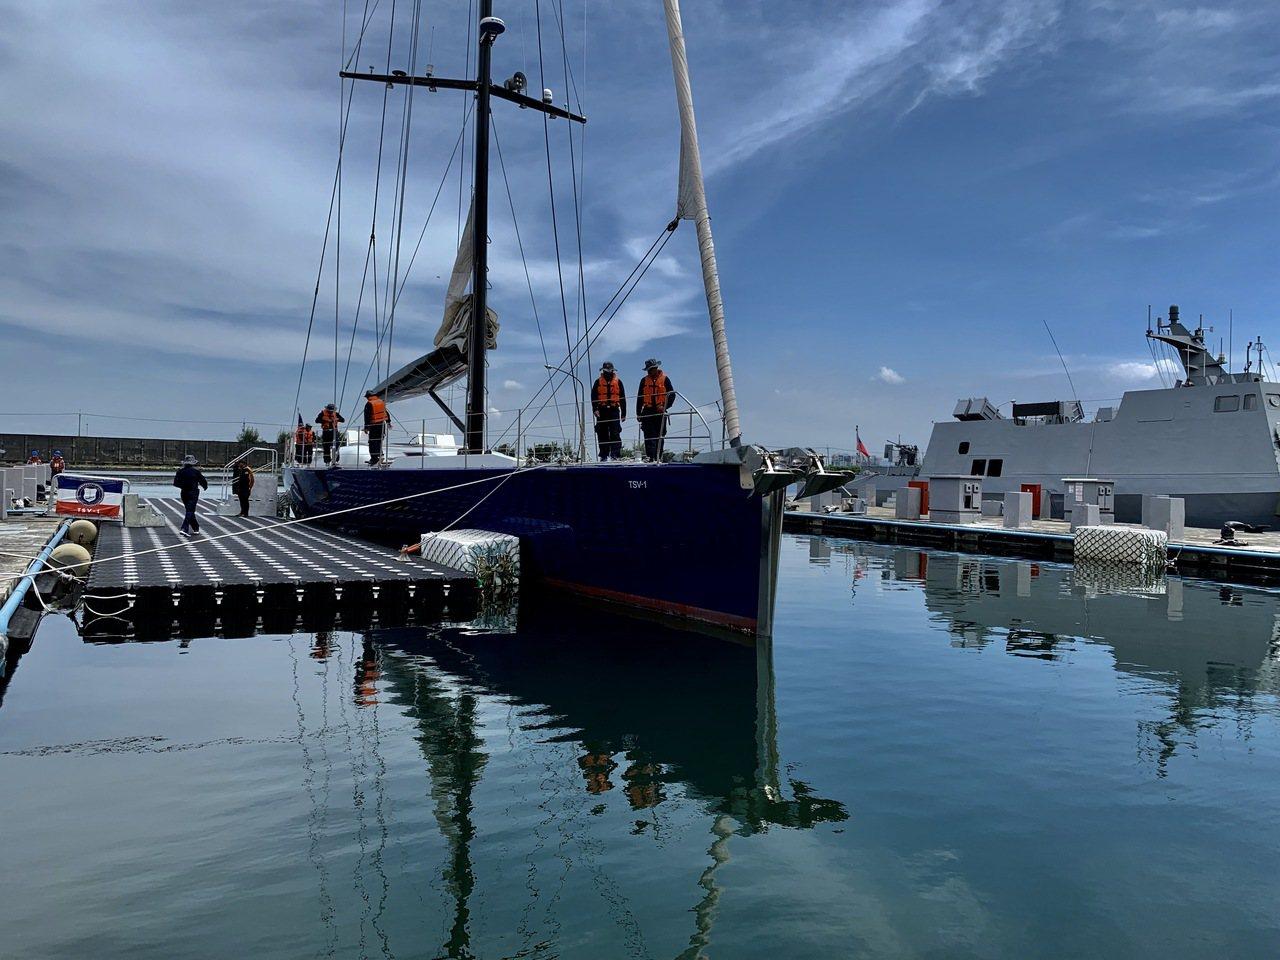 潤泰集團總裁尹衍樑名下原有一艘長達34公尺、價值數億元的遊憩用雙帆帆船,他去年慨...